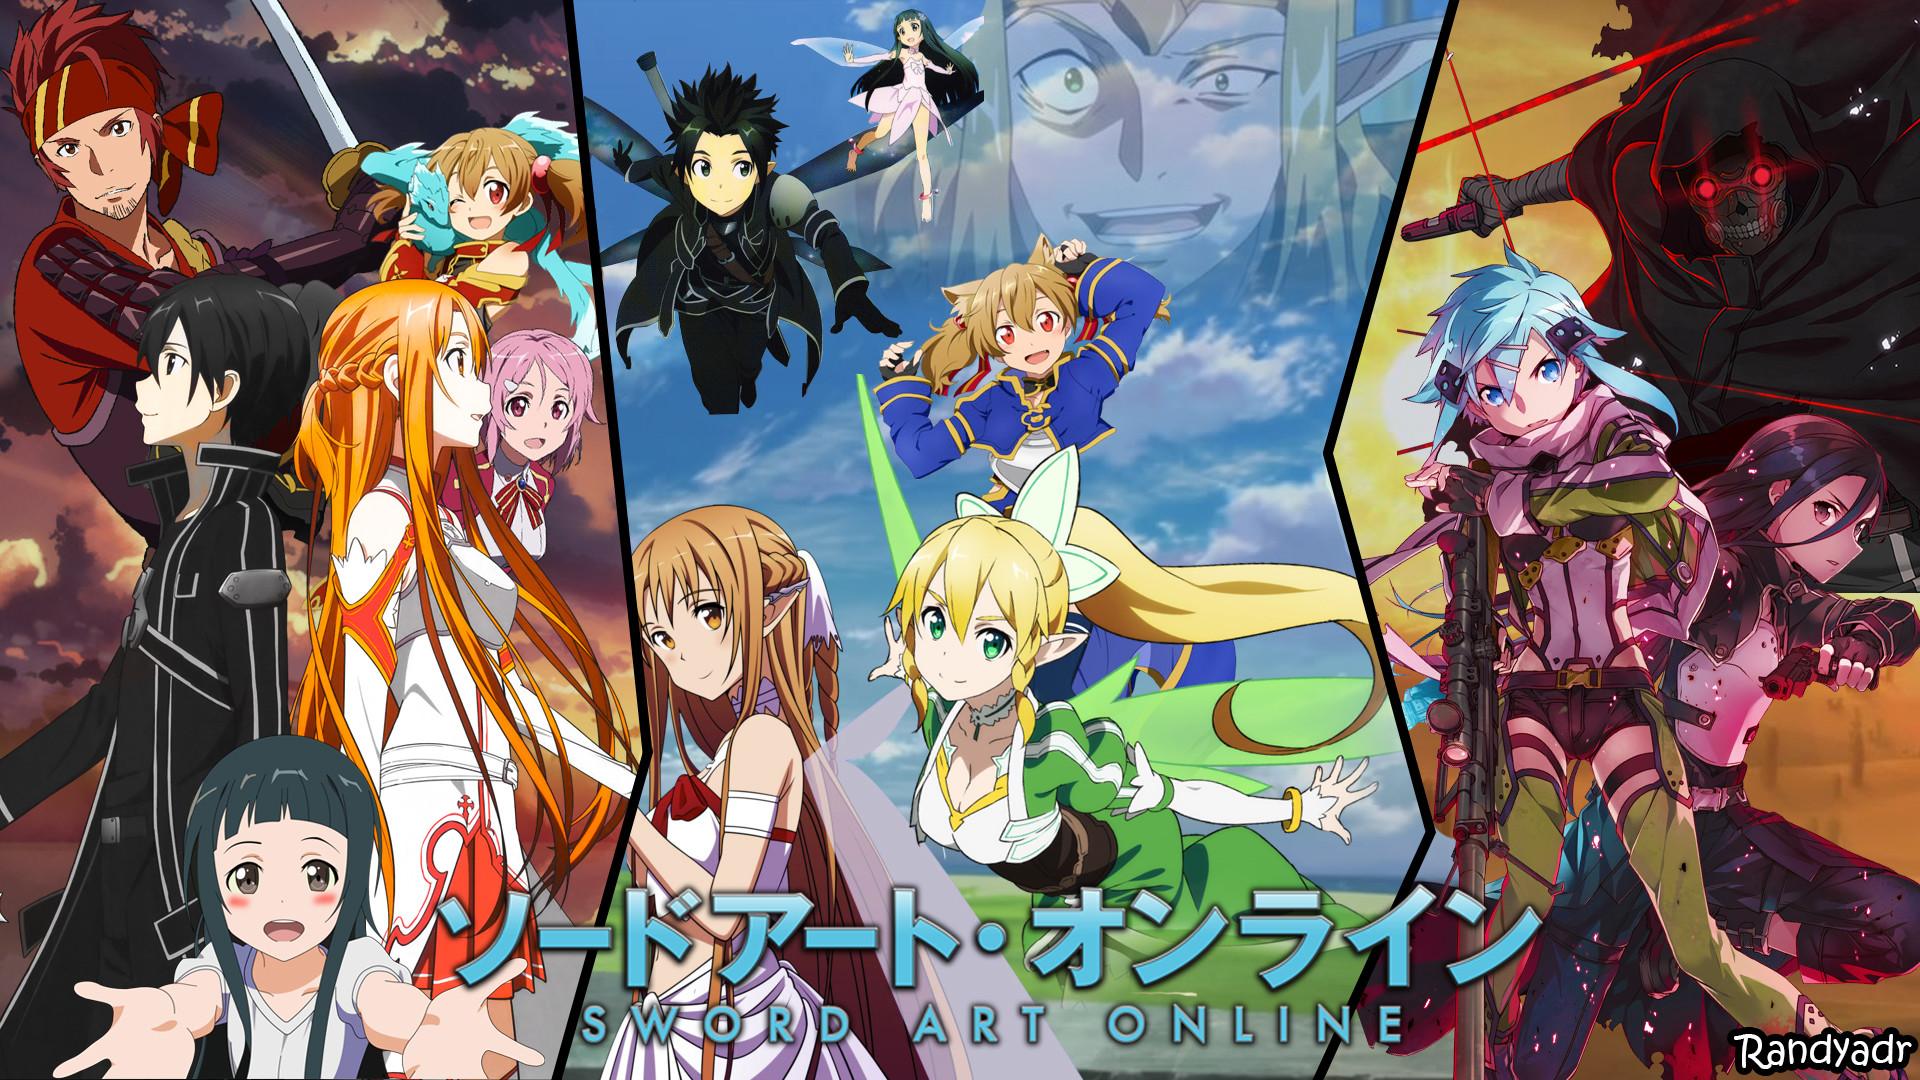 sword art online wallpaper attempt by randyadr fan art manga anime .